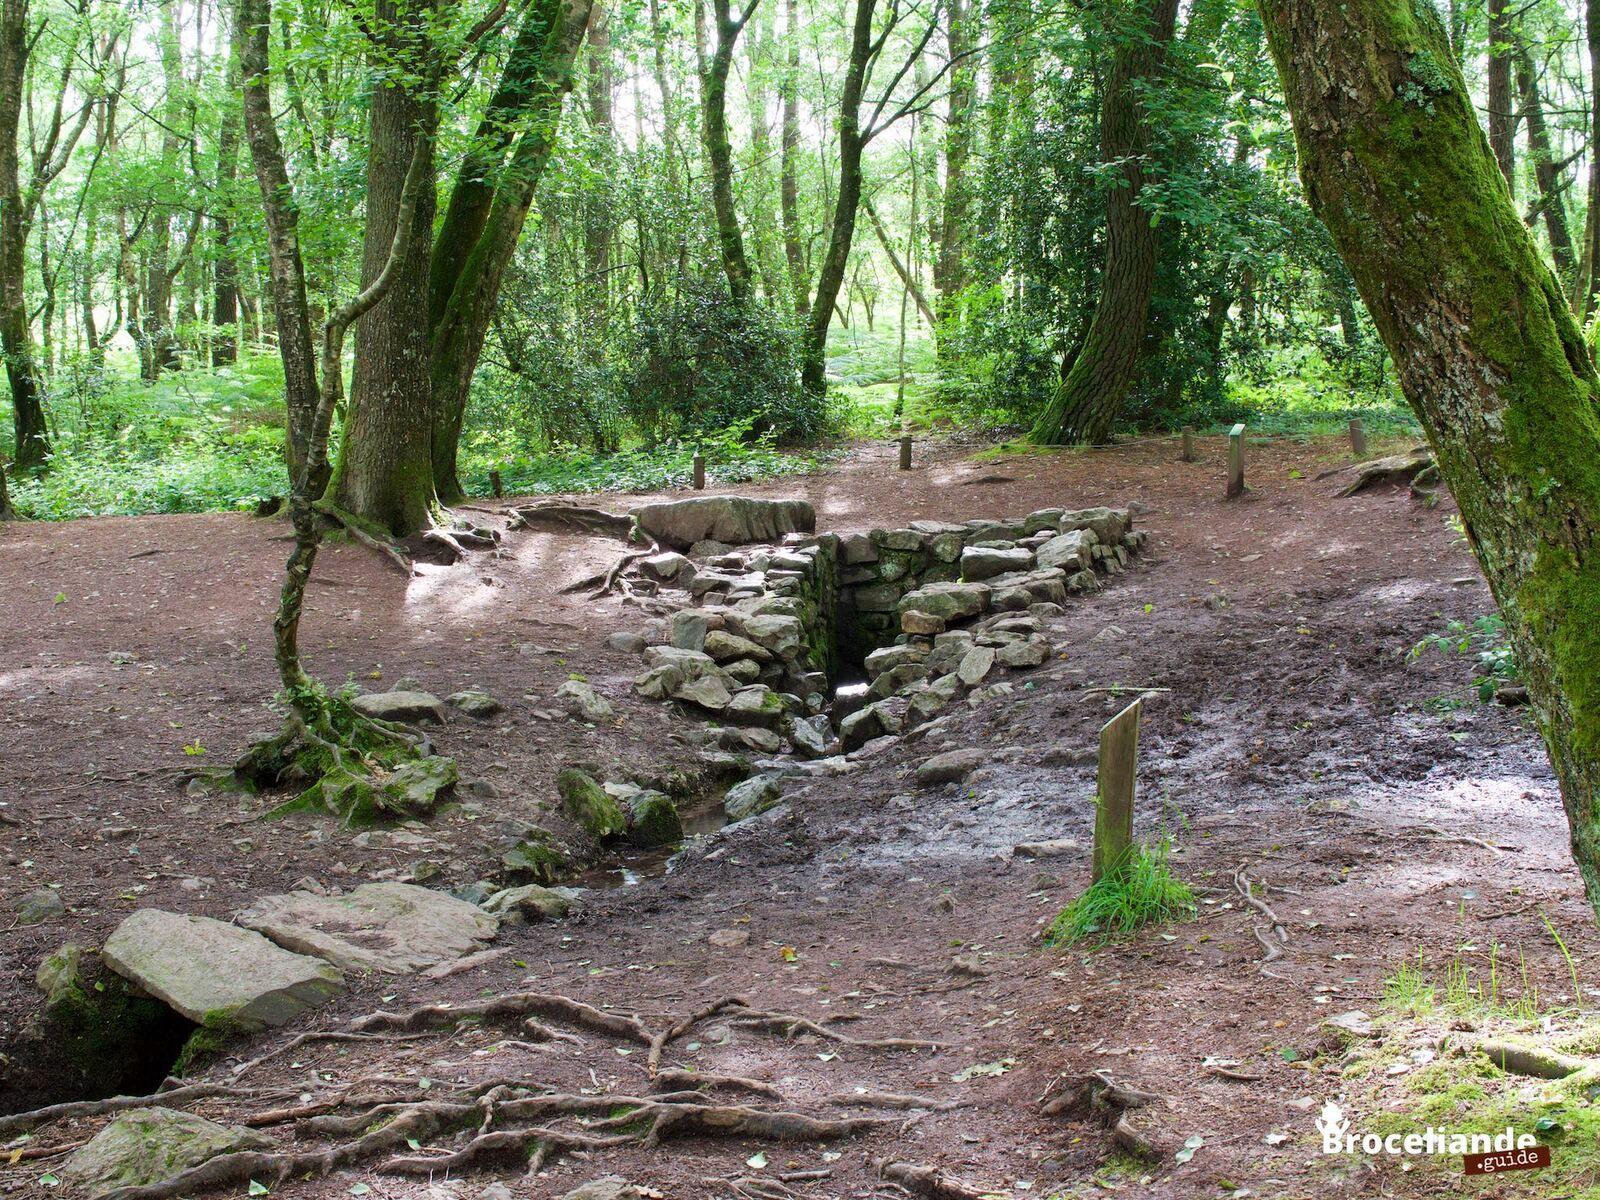 Une balade à Brocéliande : L'Abbaye et l'étang de Paimpont, La fontaine de Barenton, Le Tombeau de Merlin et le Chêne des Hindrés